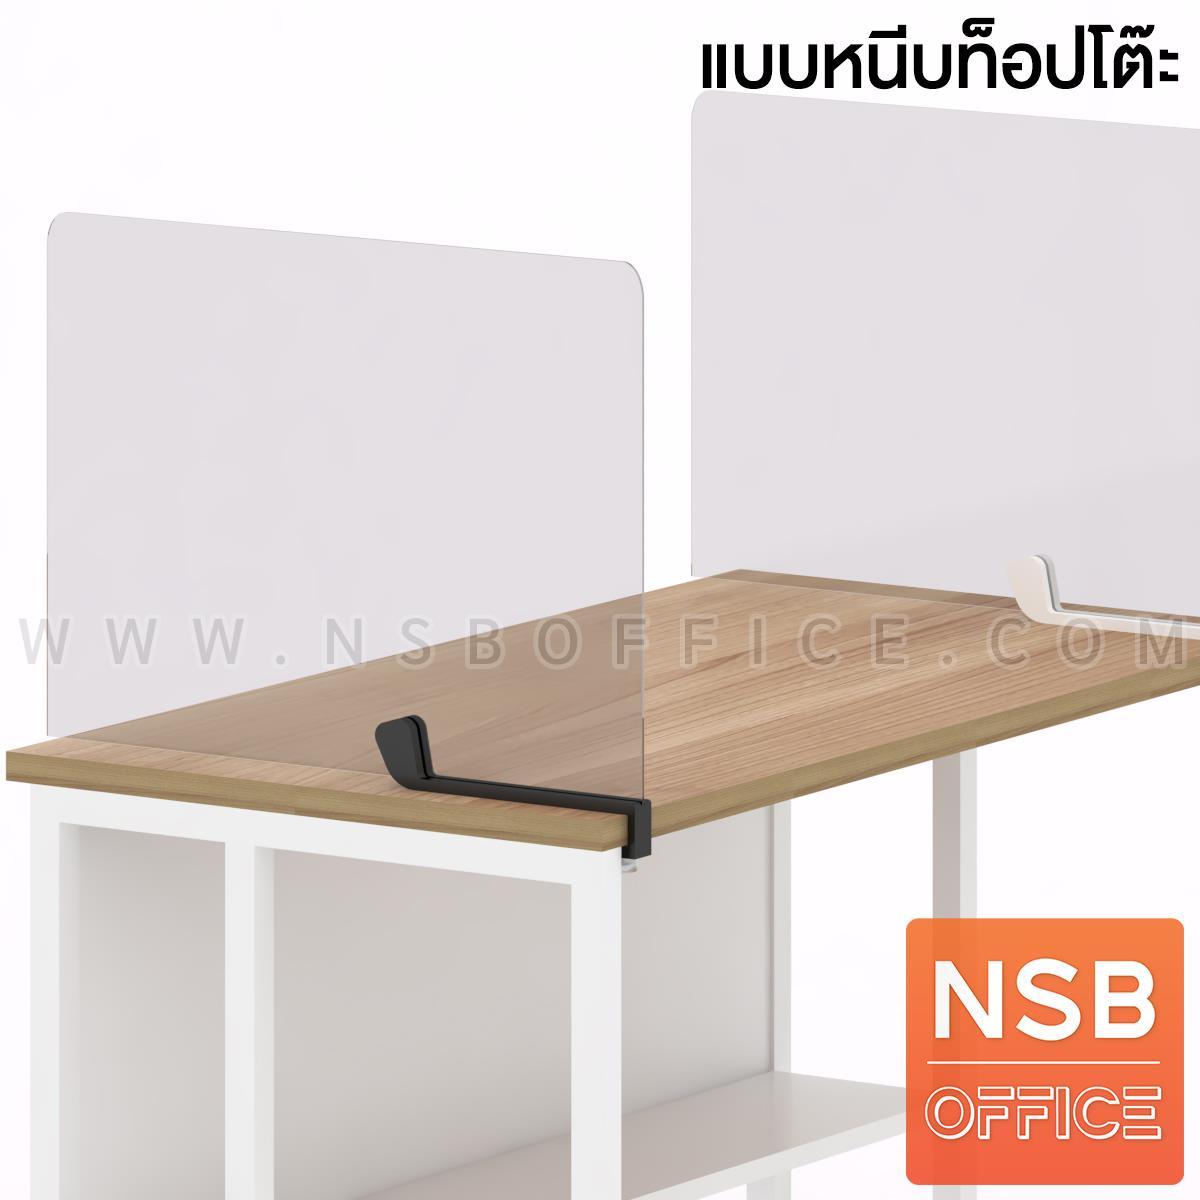 P04A040:มินิสกรีนอะคริลิคใส รุ่นหนีบข้างโต๊ะ รุ่น safe (สูง 30H และ 45H cm)